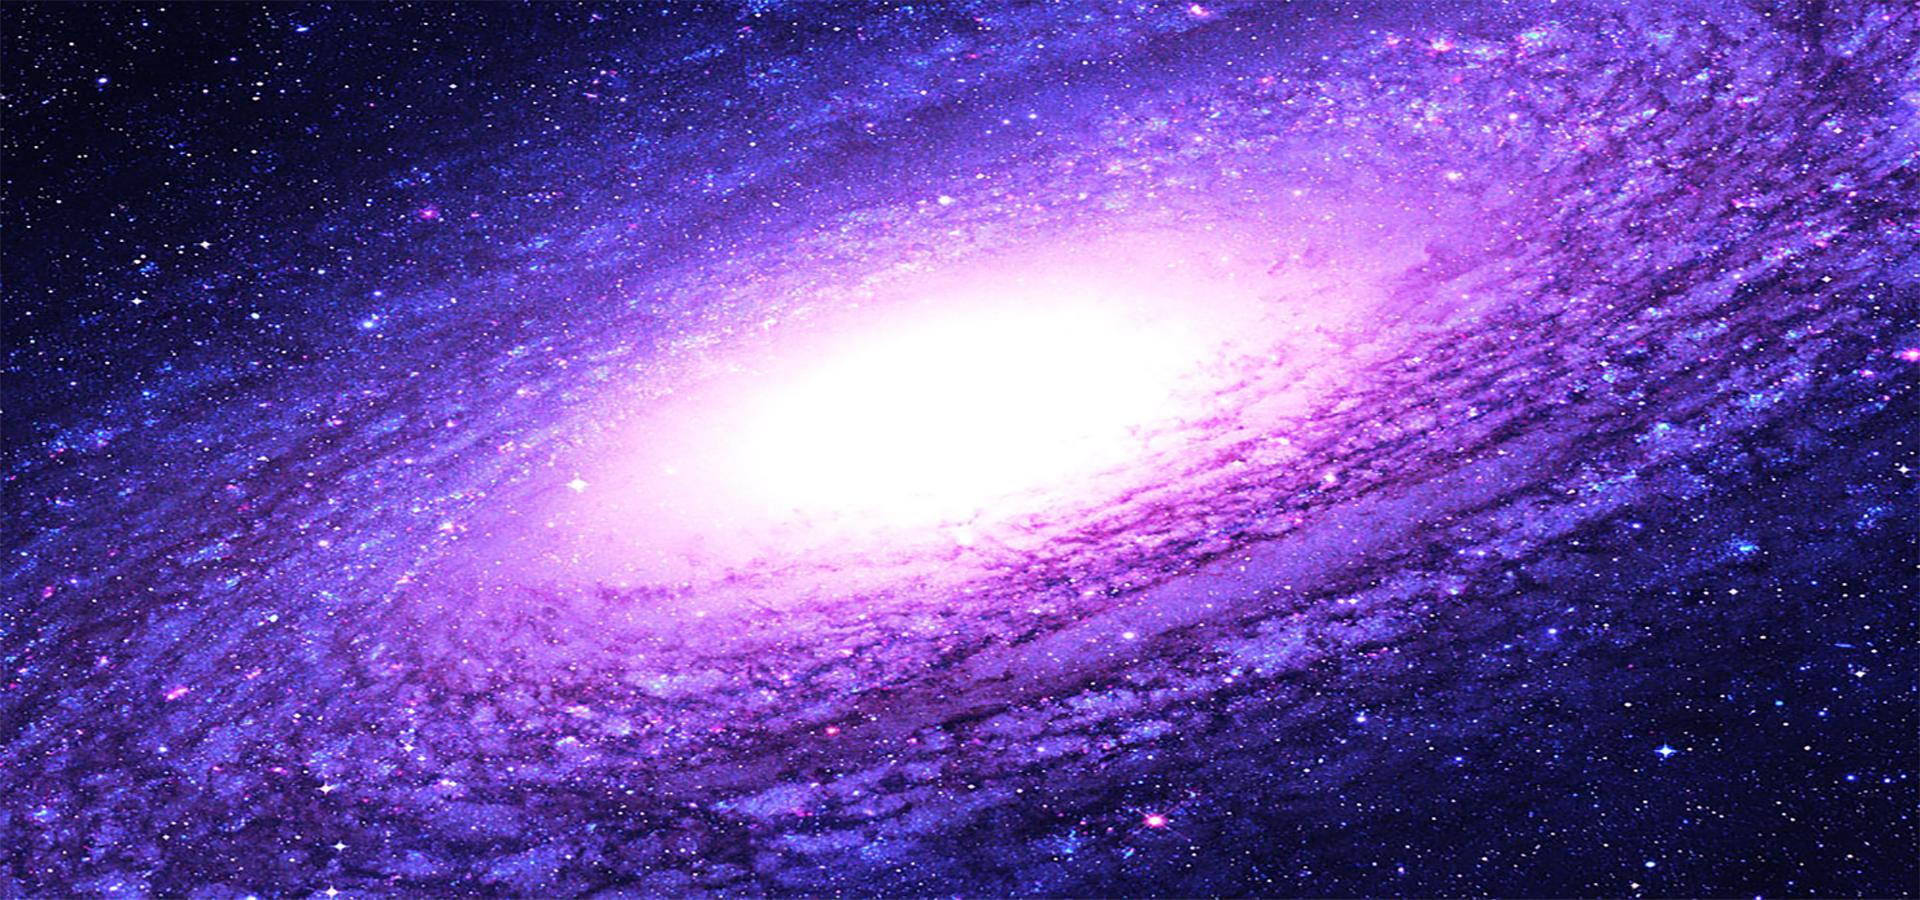 violet la galaxie de l image d arri u00e8re plan violet r u00eave la